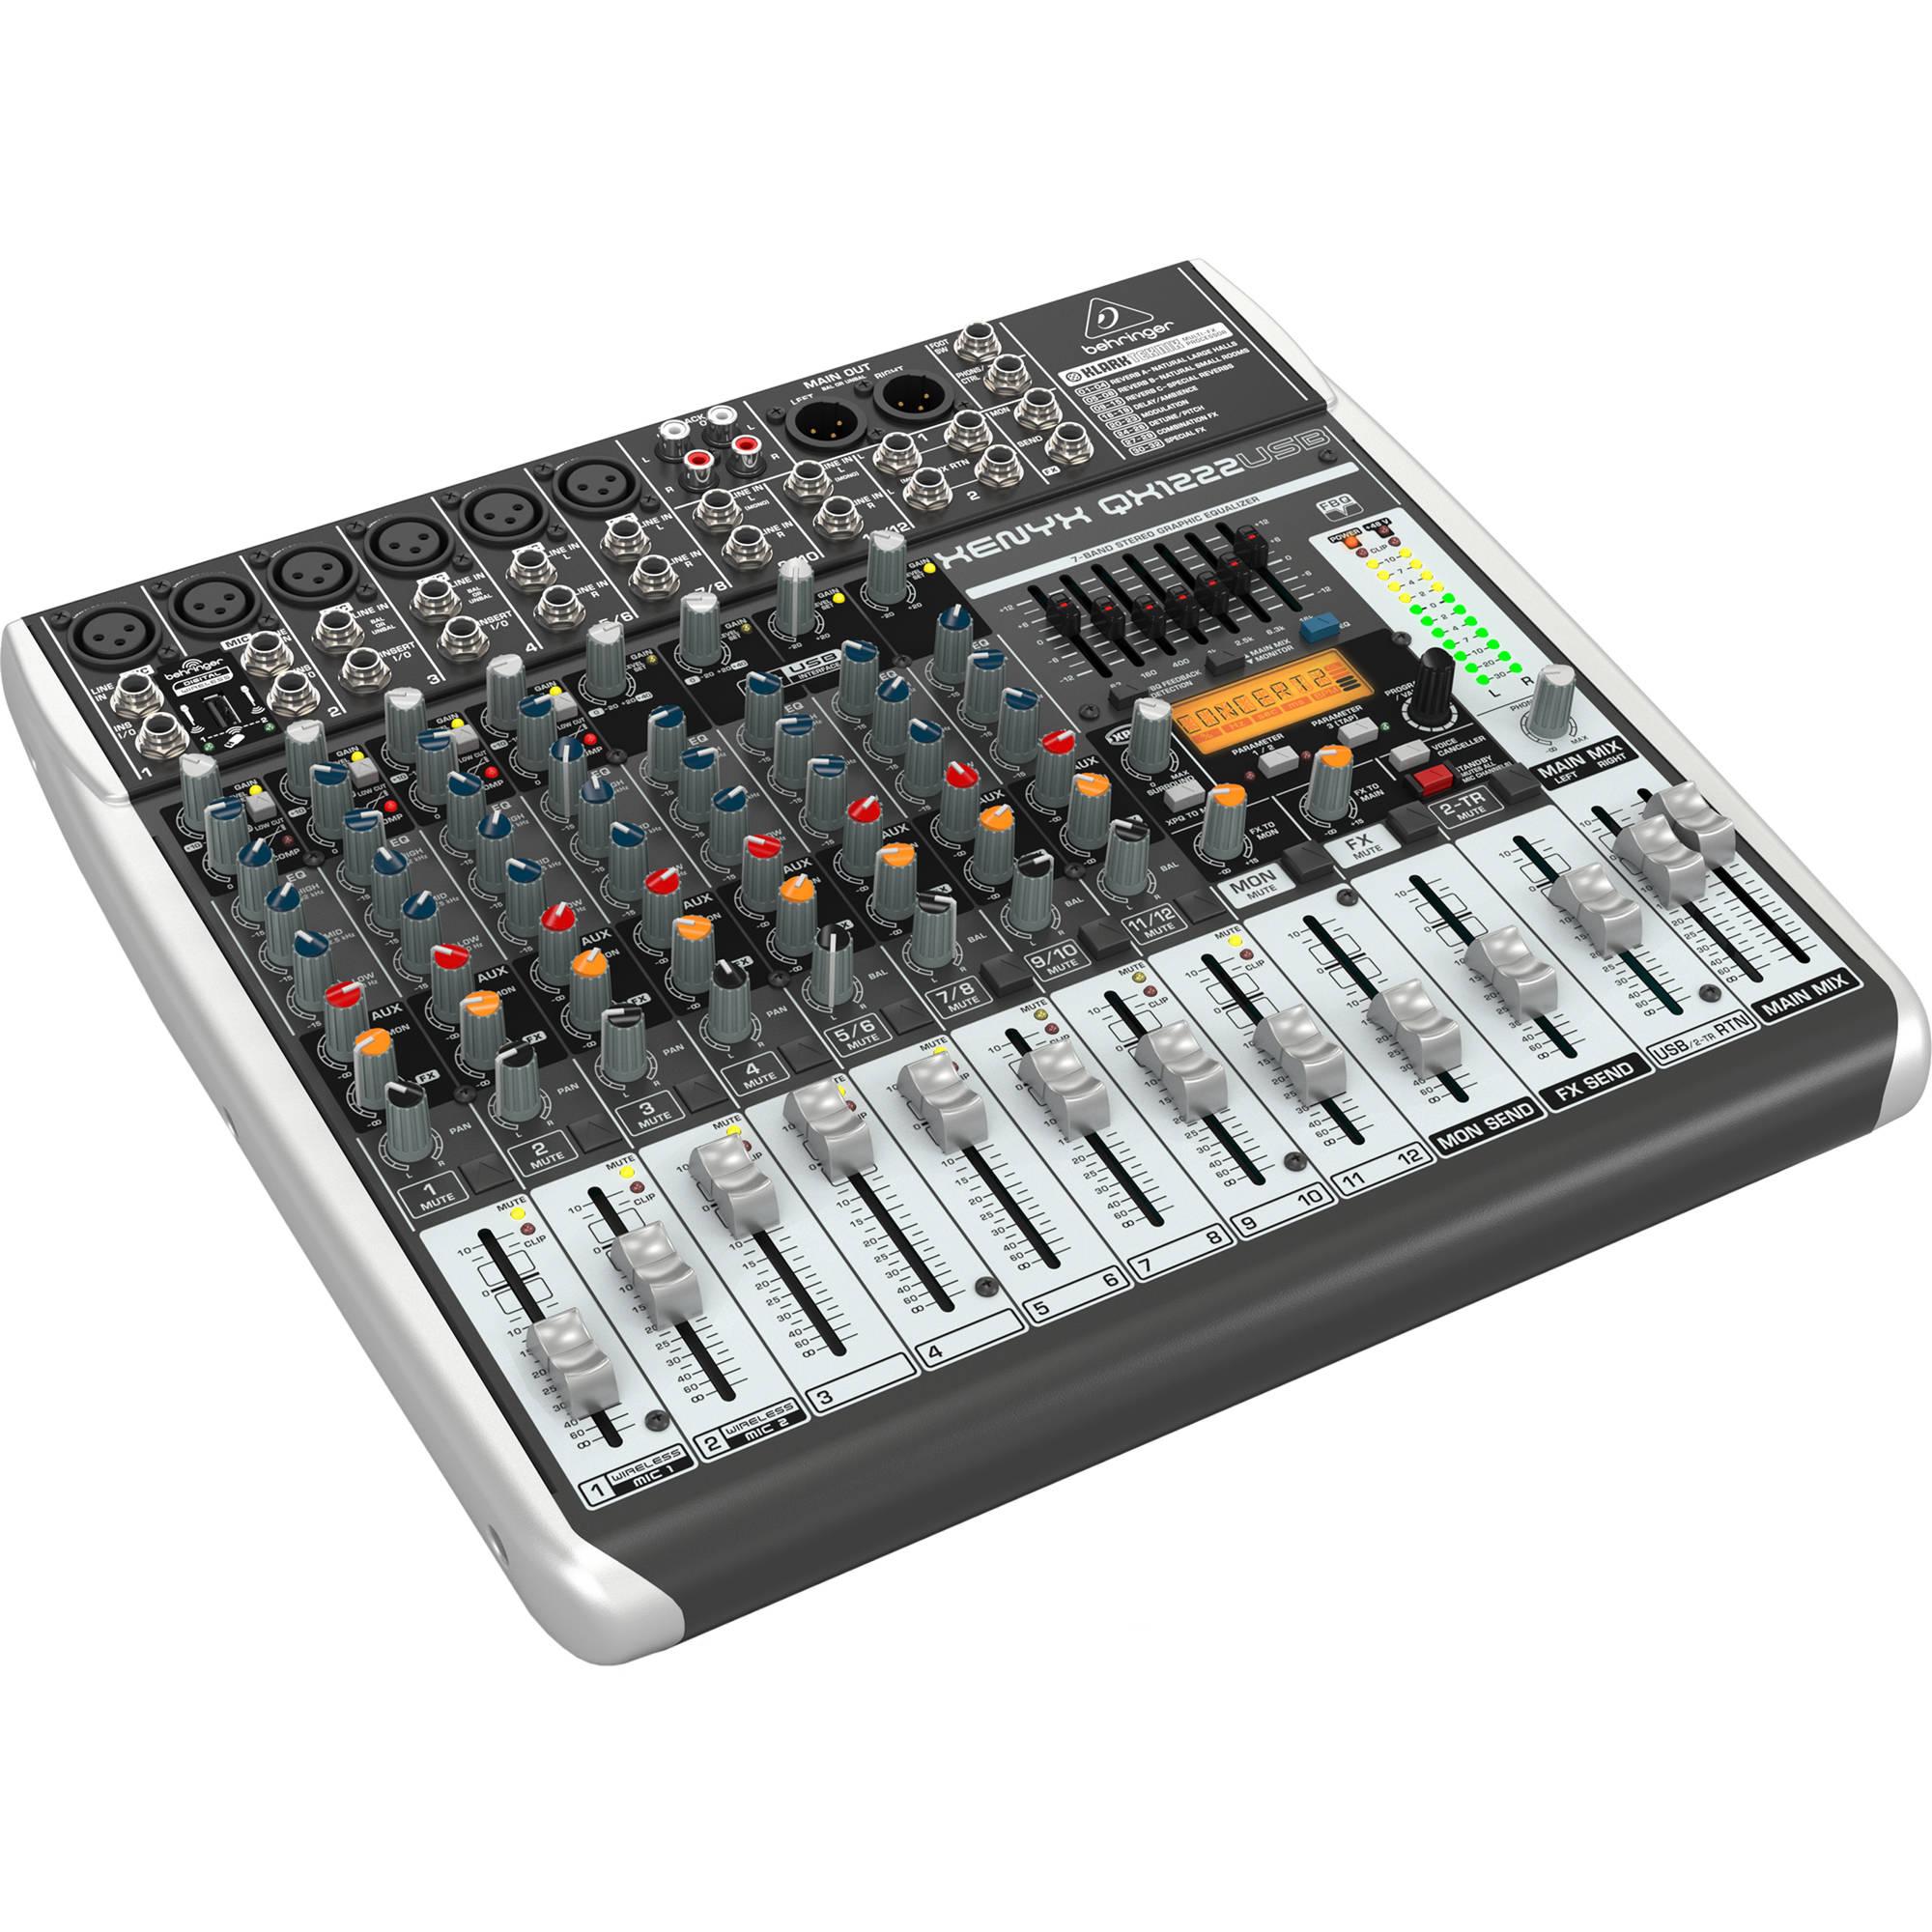 behringer xenyx qx1222usb 16 input usb audio mixer qx1222usb. Black Bedroom Furniture Sets. Home Design Ideas